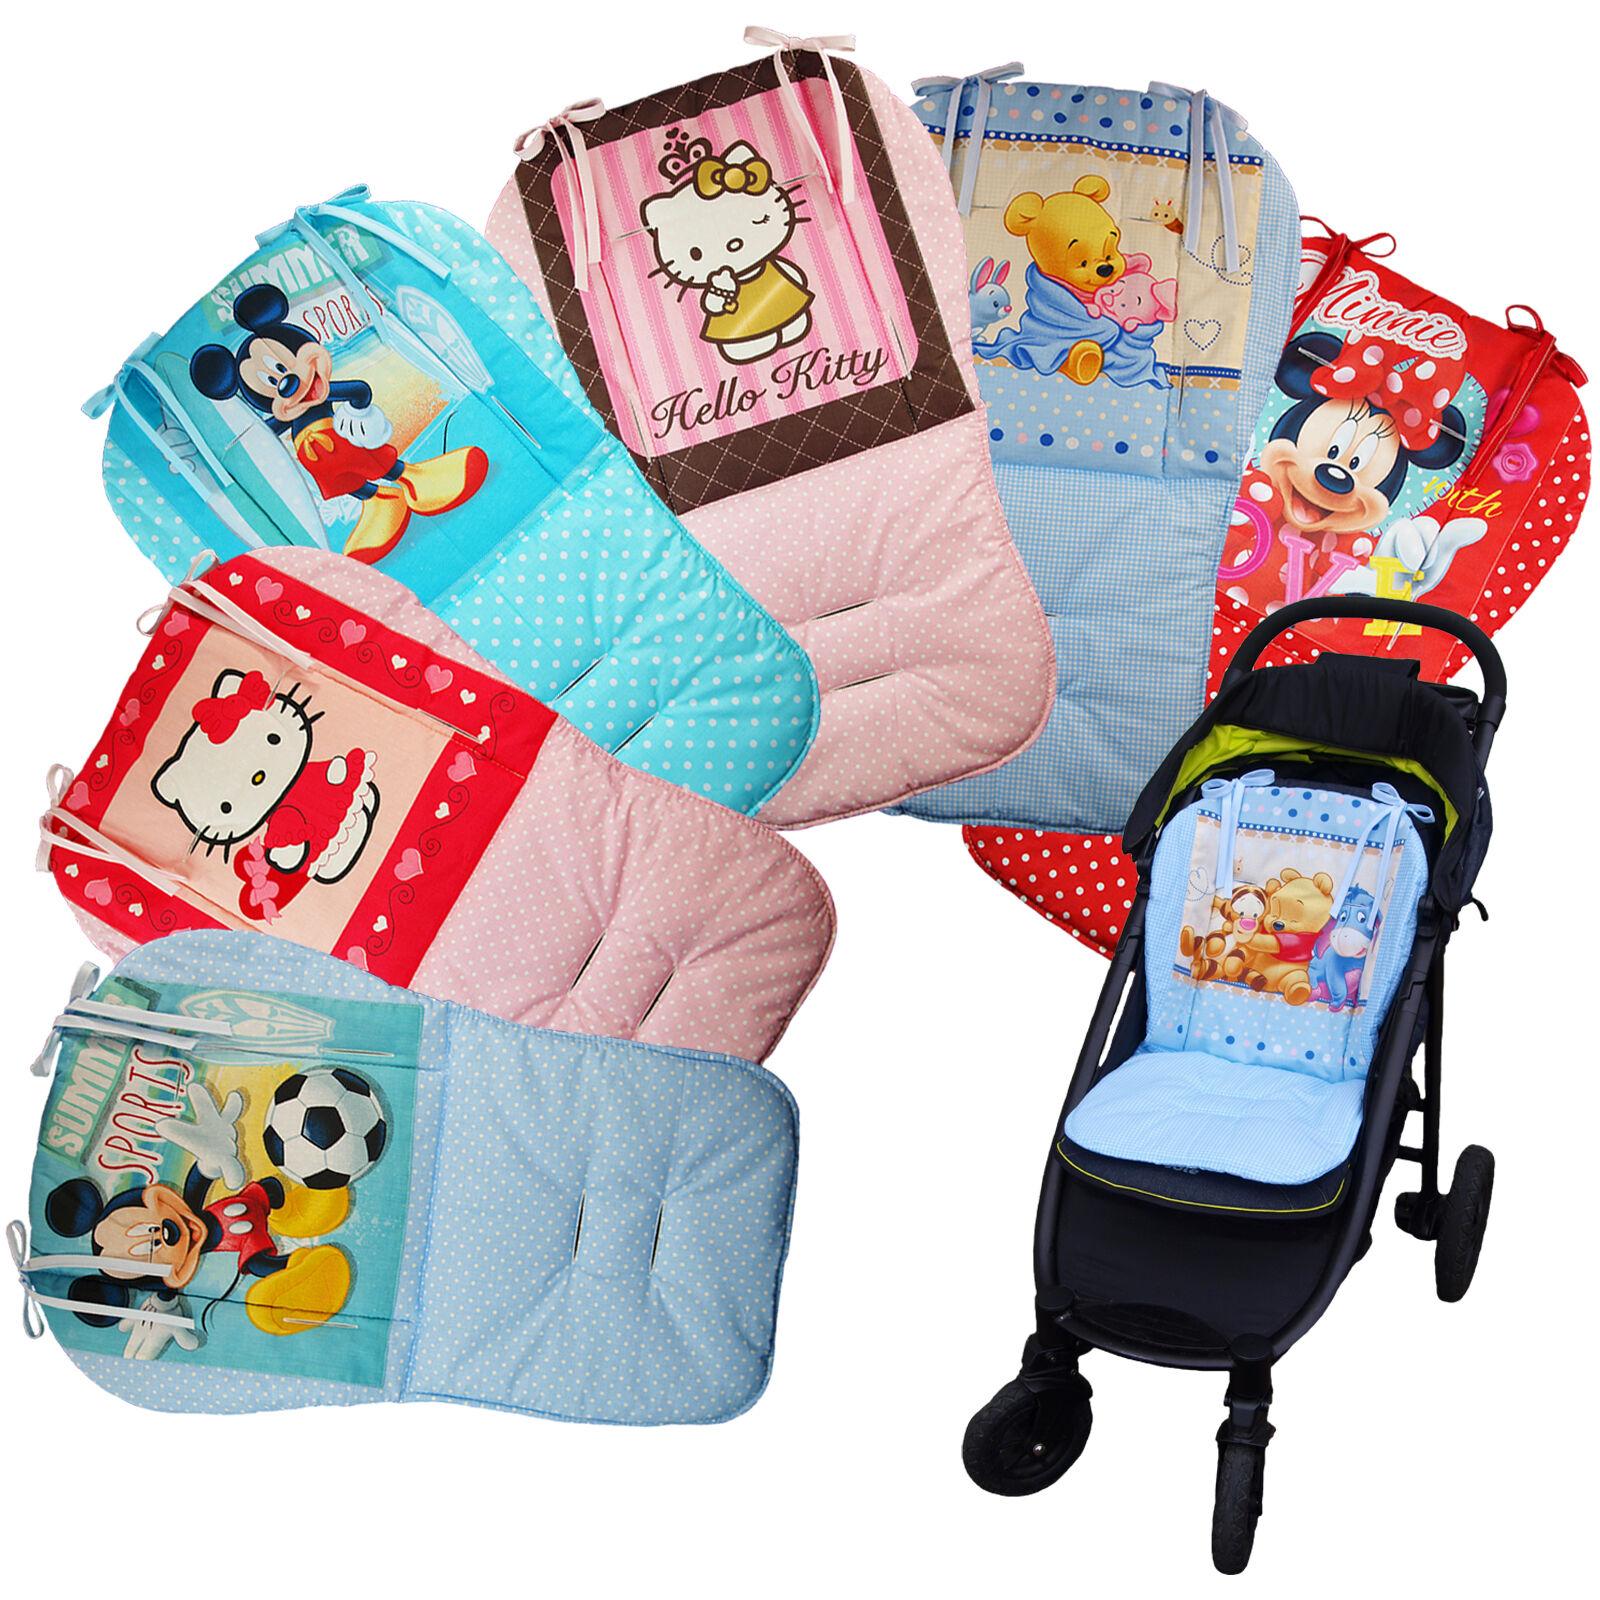 Kindersitzauflage Buggy Kinderwagen Auflage Wendeauflage Sitzeinlage Babysitz